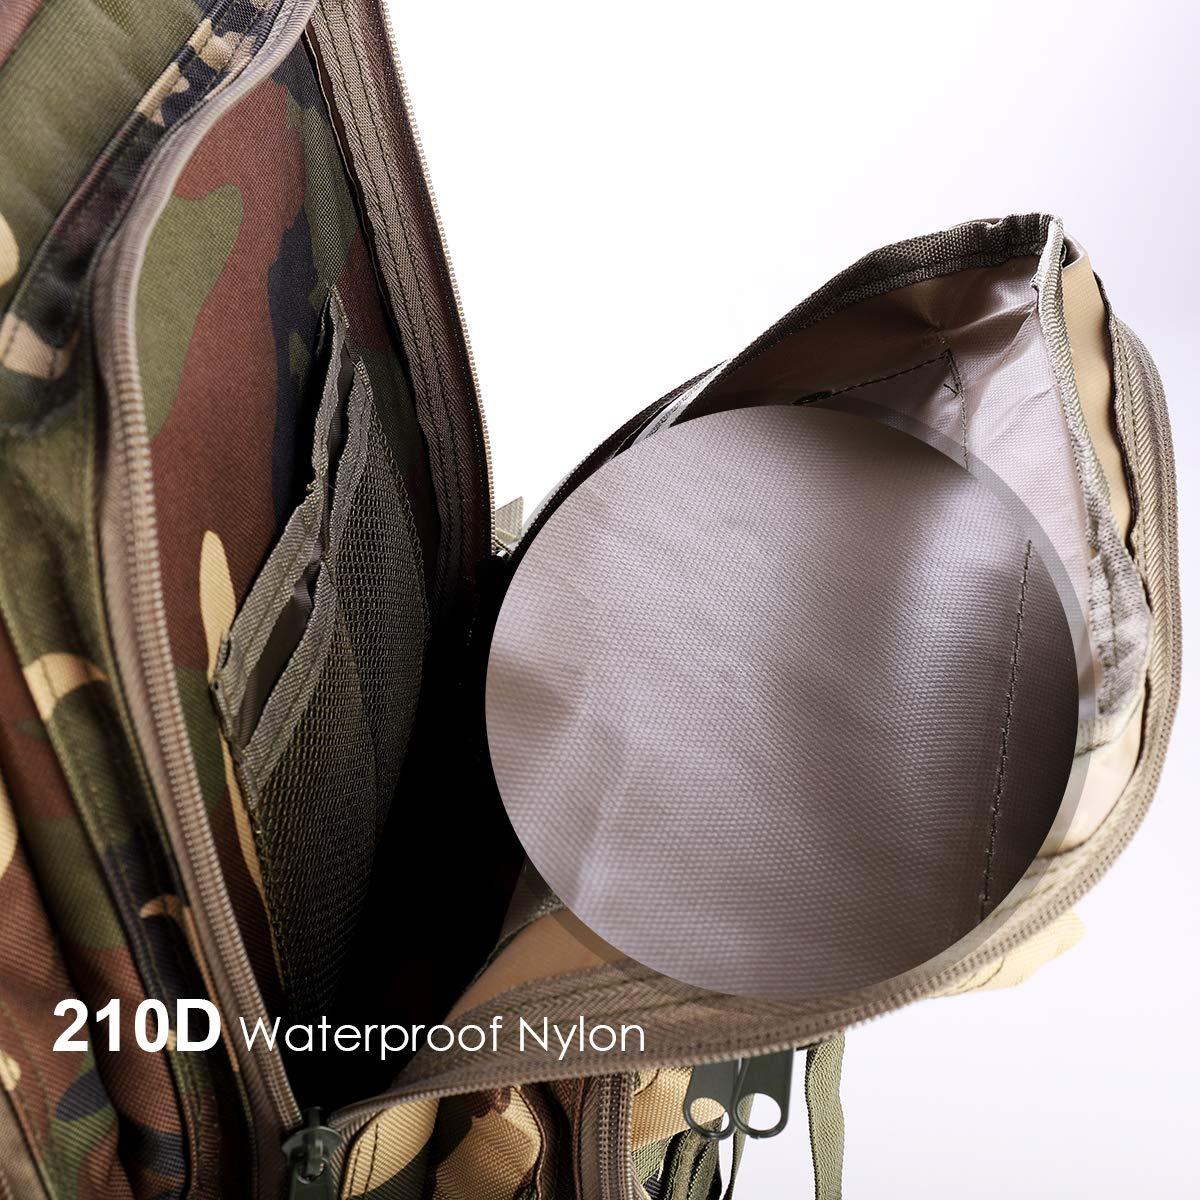 Noir Sac /À Dos Tactique 35L Arm/ée Sac /À Dos Molle Assaut Pack Tactique Combat Sac /À Dos pour Randonn/ée en Plein Air Camping Randonn/ée P/êche Chasse SHANNA Militaire Sac /À Dos